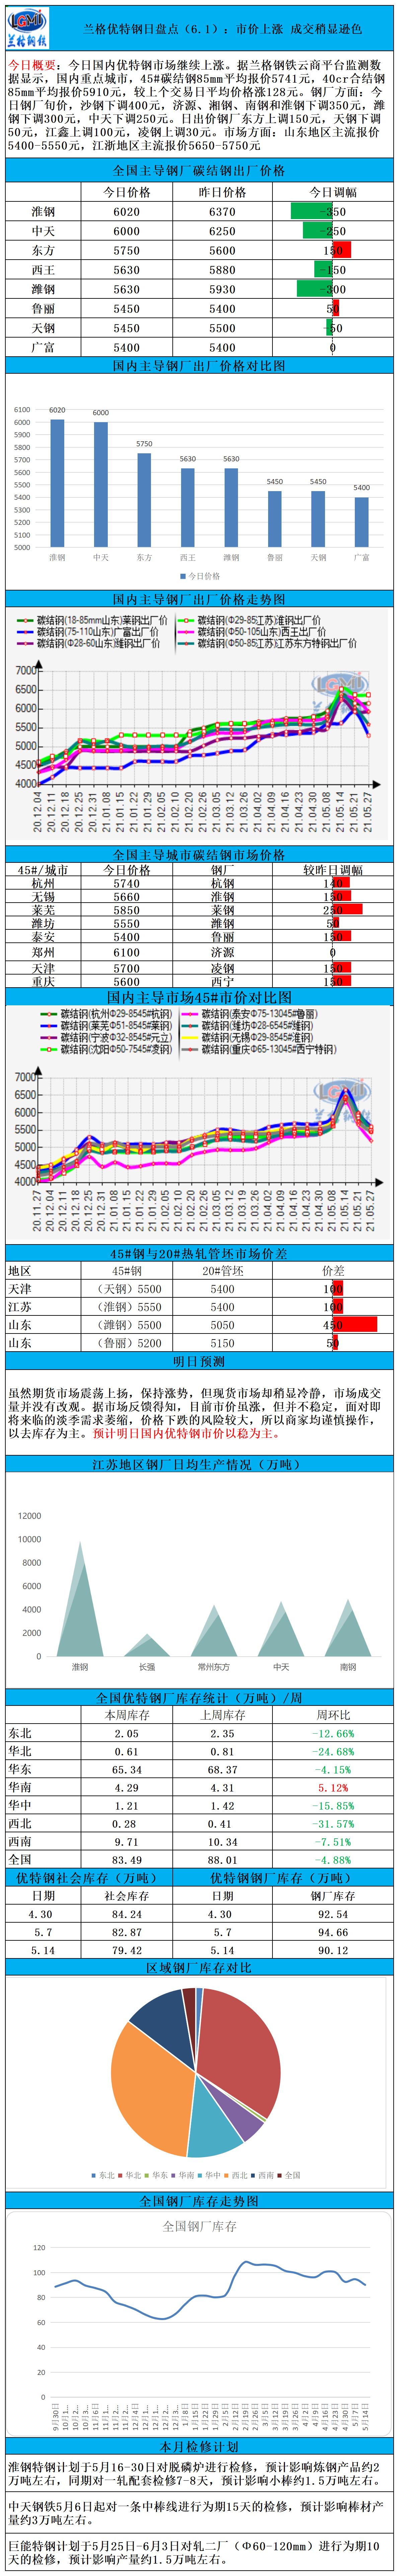 兰格优特钢日盘点(6.1):市价上涨 成交稍显逊色